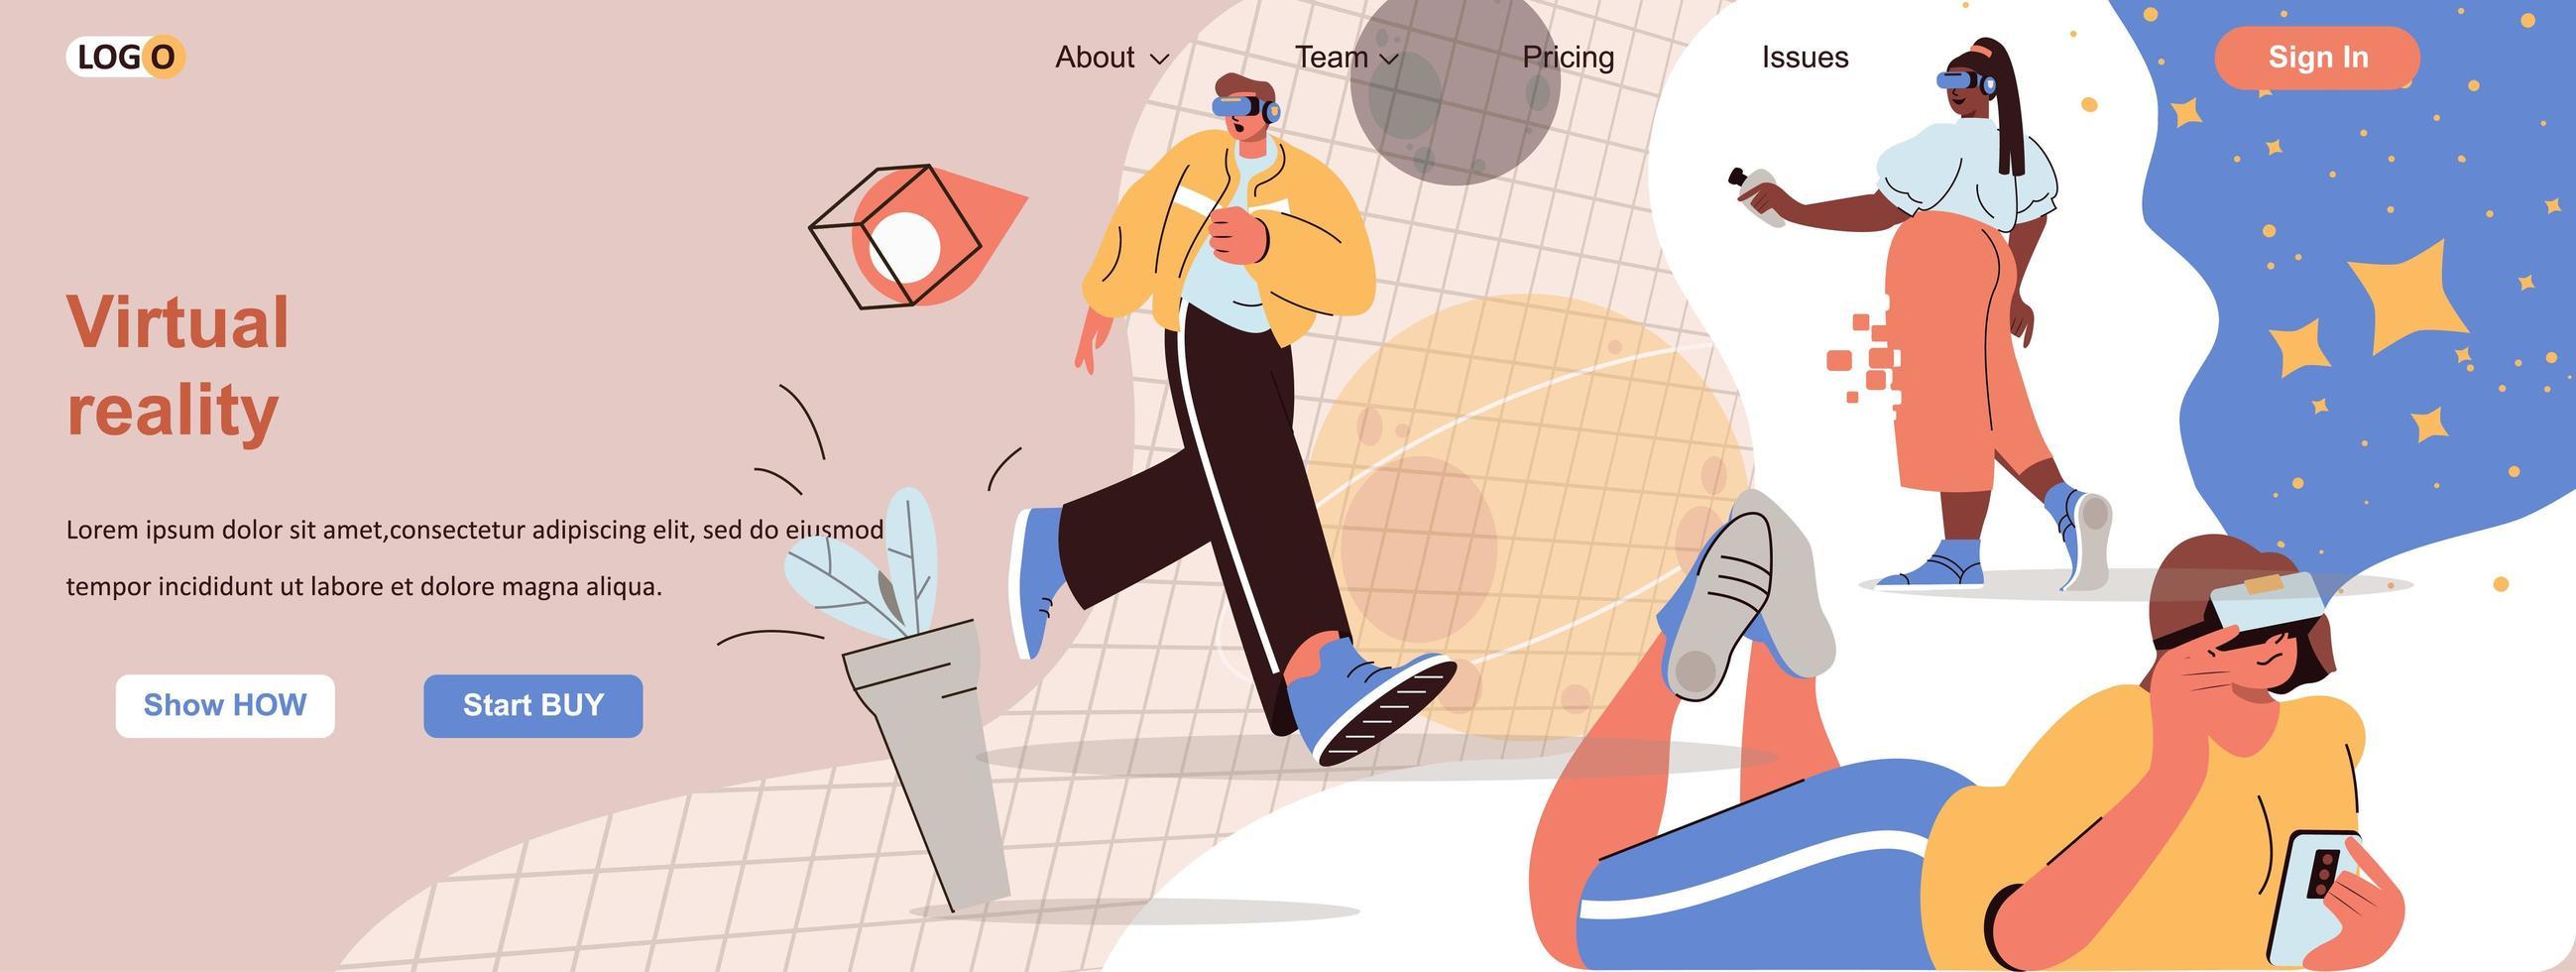 banner web di realtà virtuale per materiali promozionali sui social media vettore